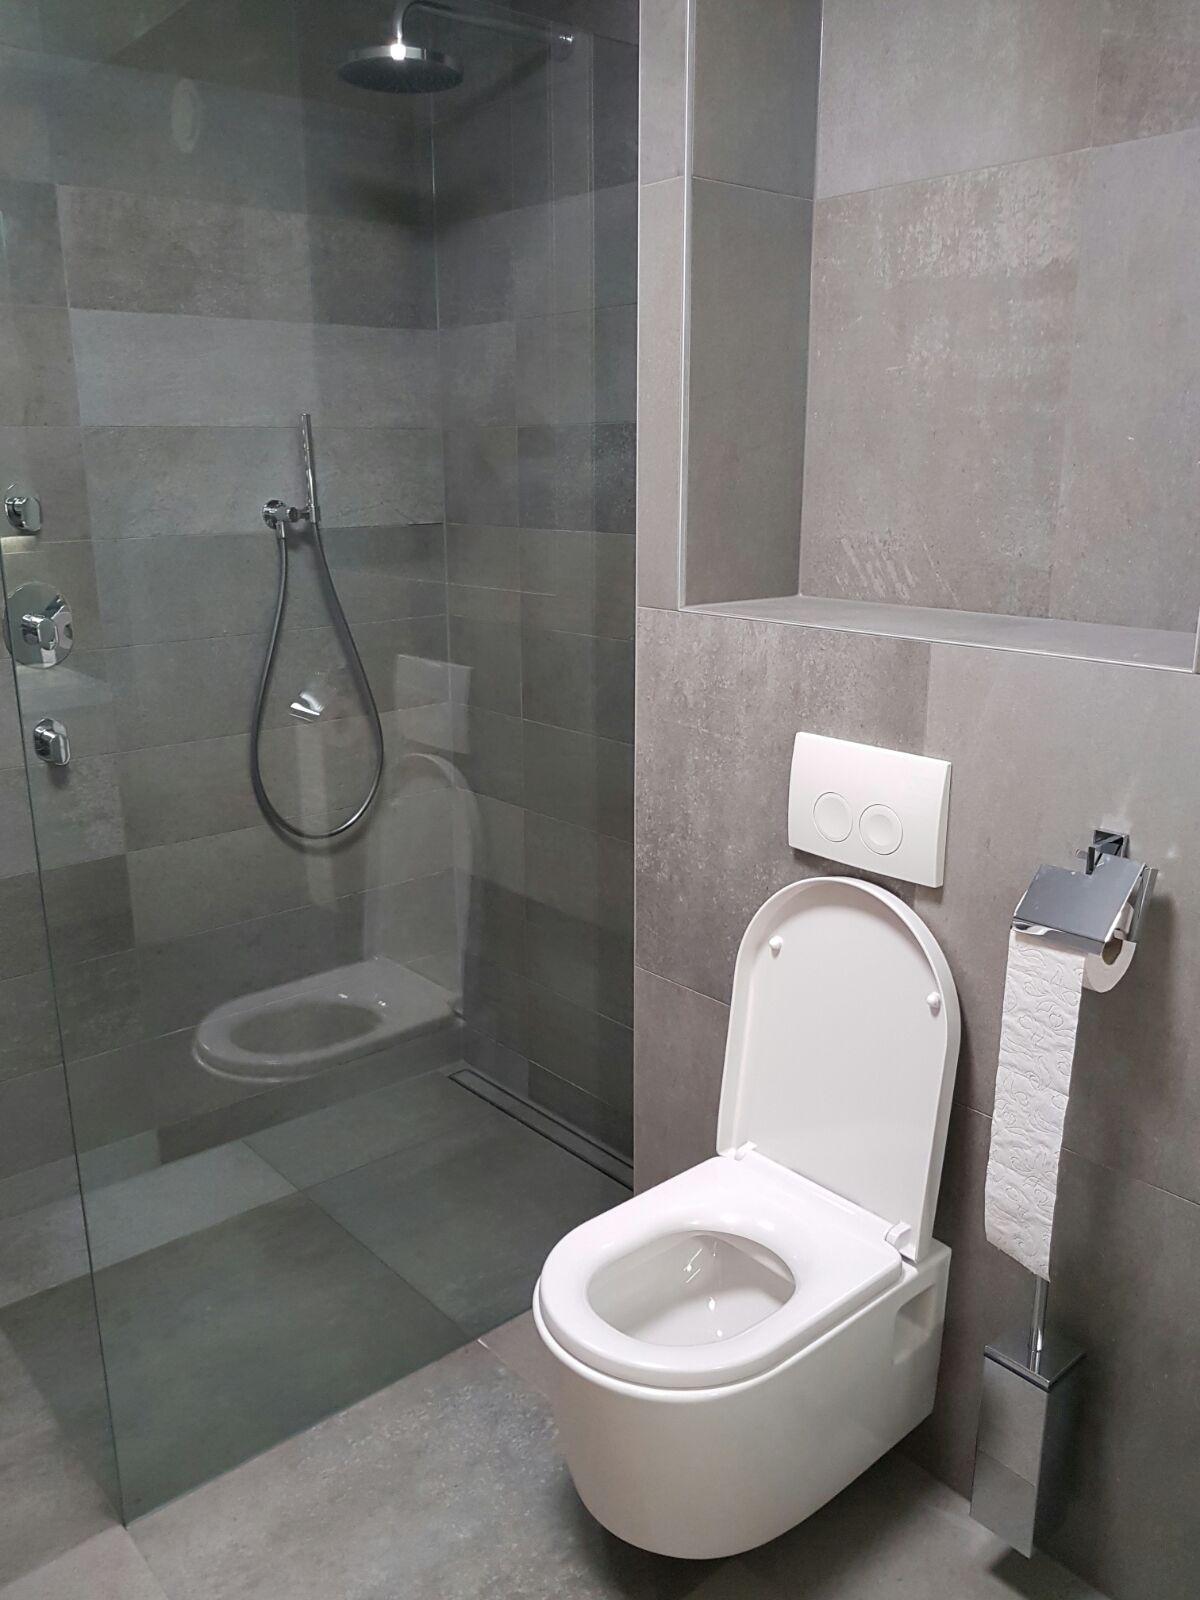 Badkamer renovatie in Amersfoort. Fraaie inbouw douchekraan en een ...